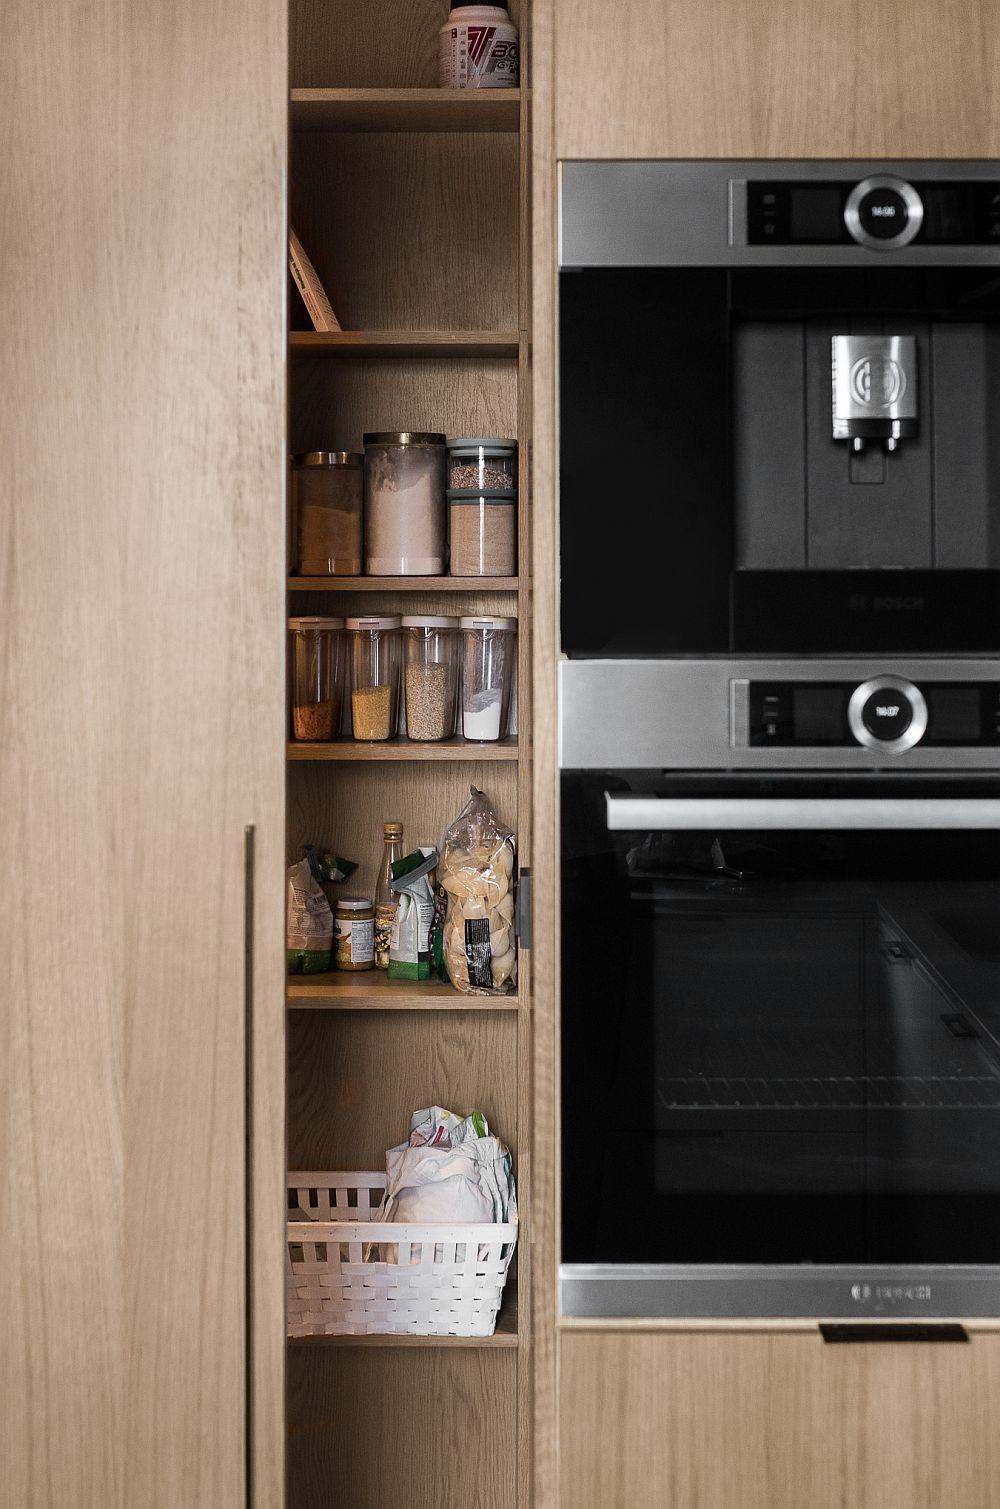 Spațiul de depozitare al bucătăriei pentru alimente și vase mai mari este gândit la un dulap generos cu ușă culisantă.